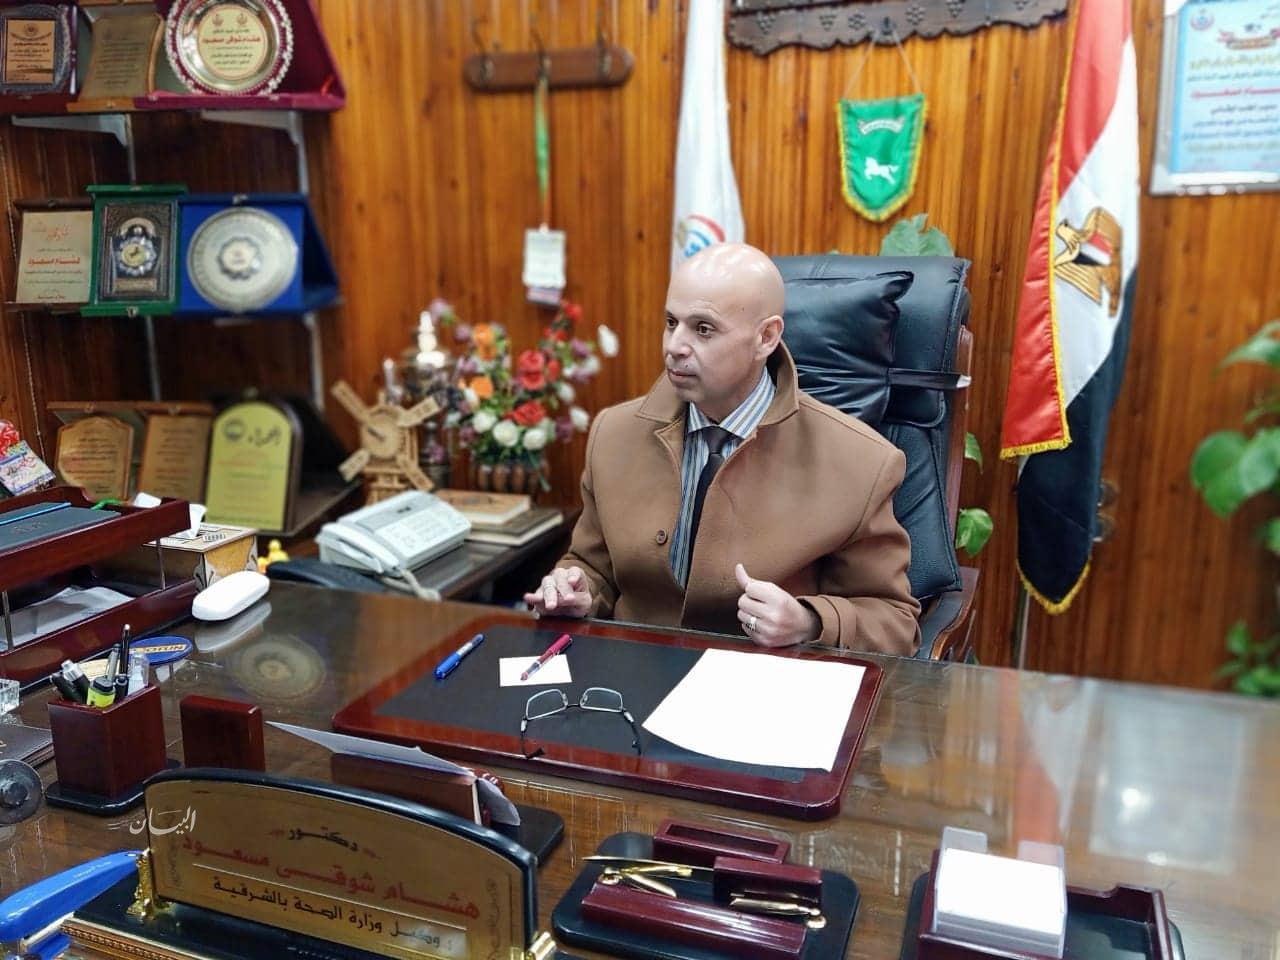 وكيل وزارة الصحة بالشرقية  يجتمع بأطباء الصدر بمكتب وكيل الوزارة